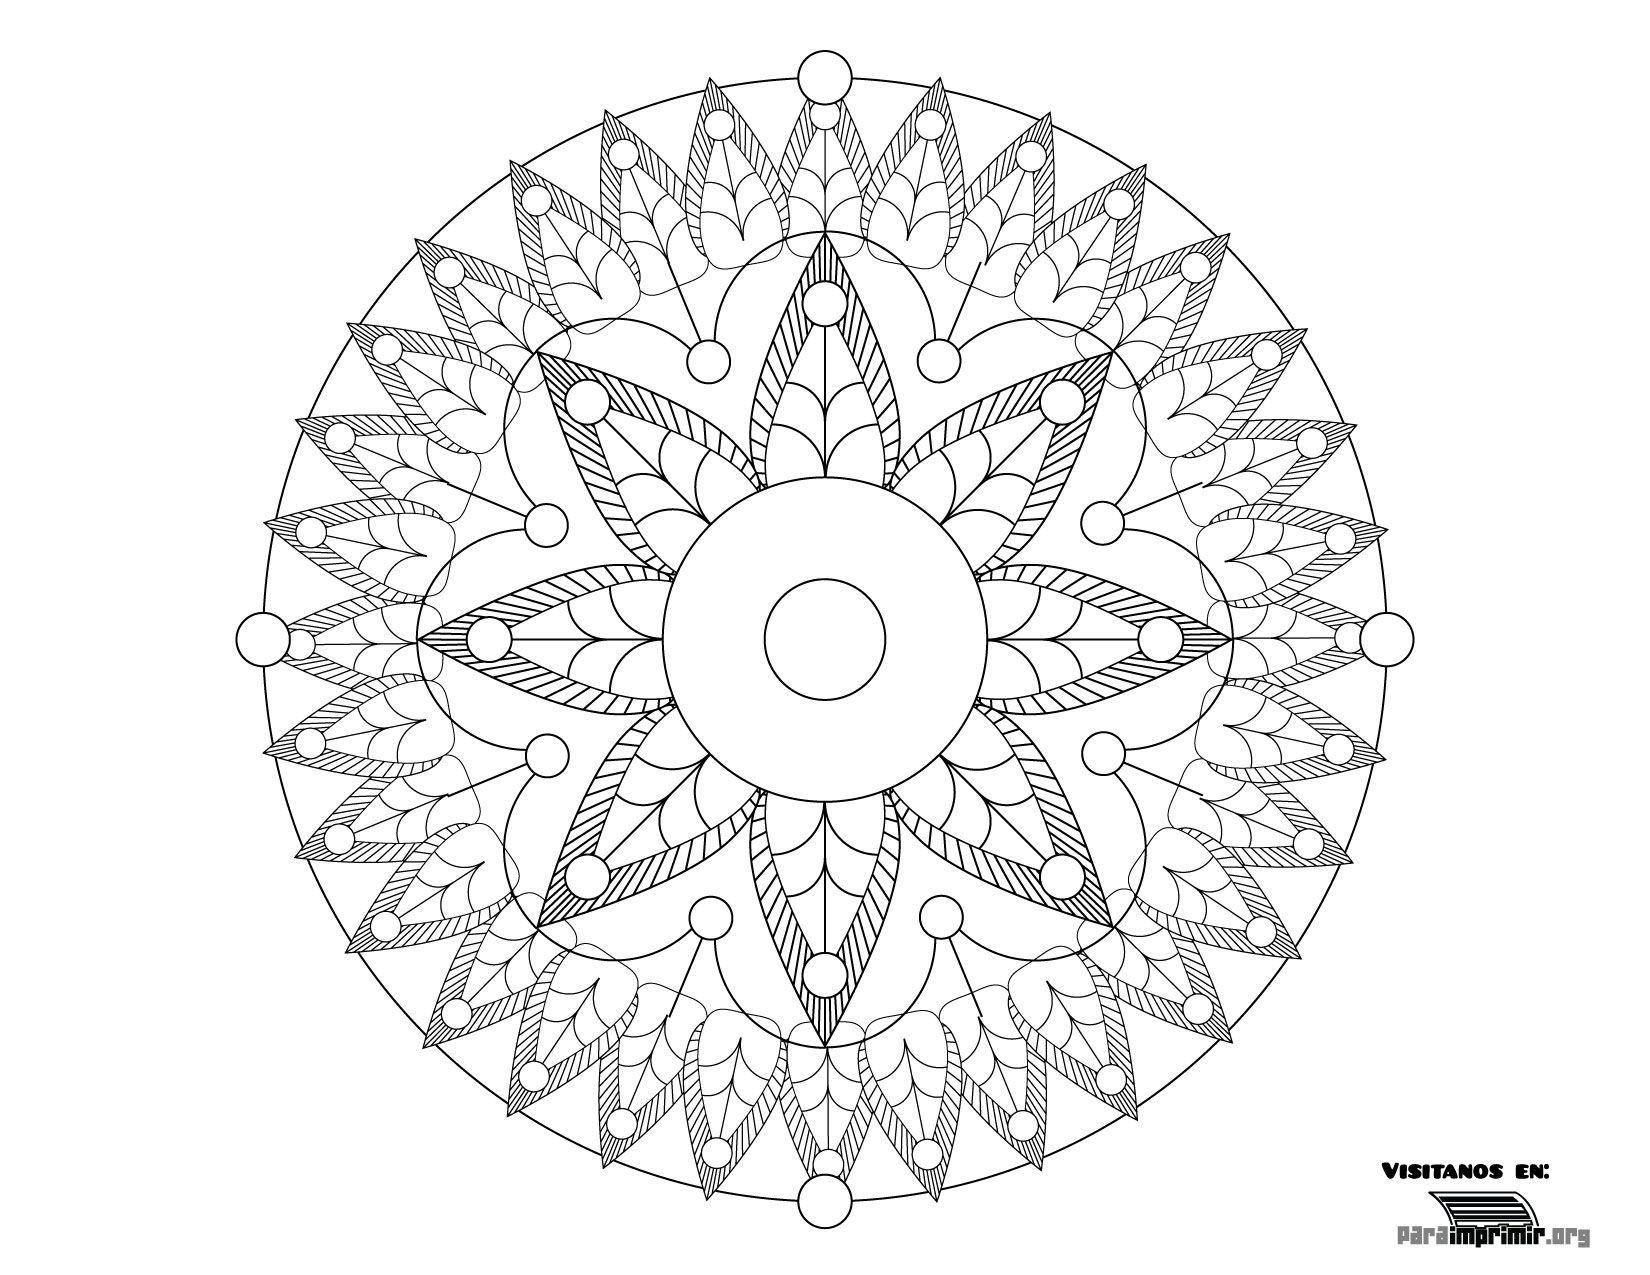 Dibujos Para Imprimir Y Colorear Mandalas: Fotos Para Imprimir - Buscar Con Google